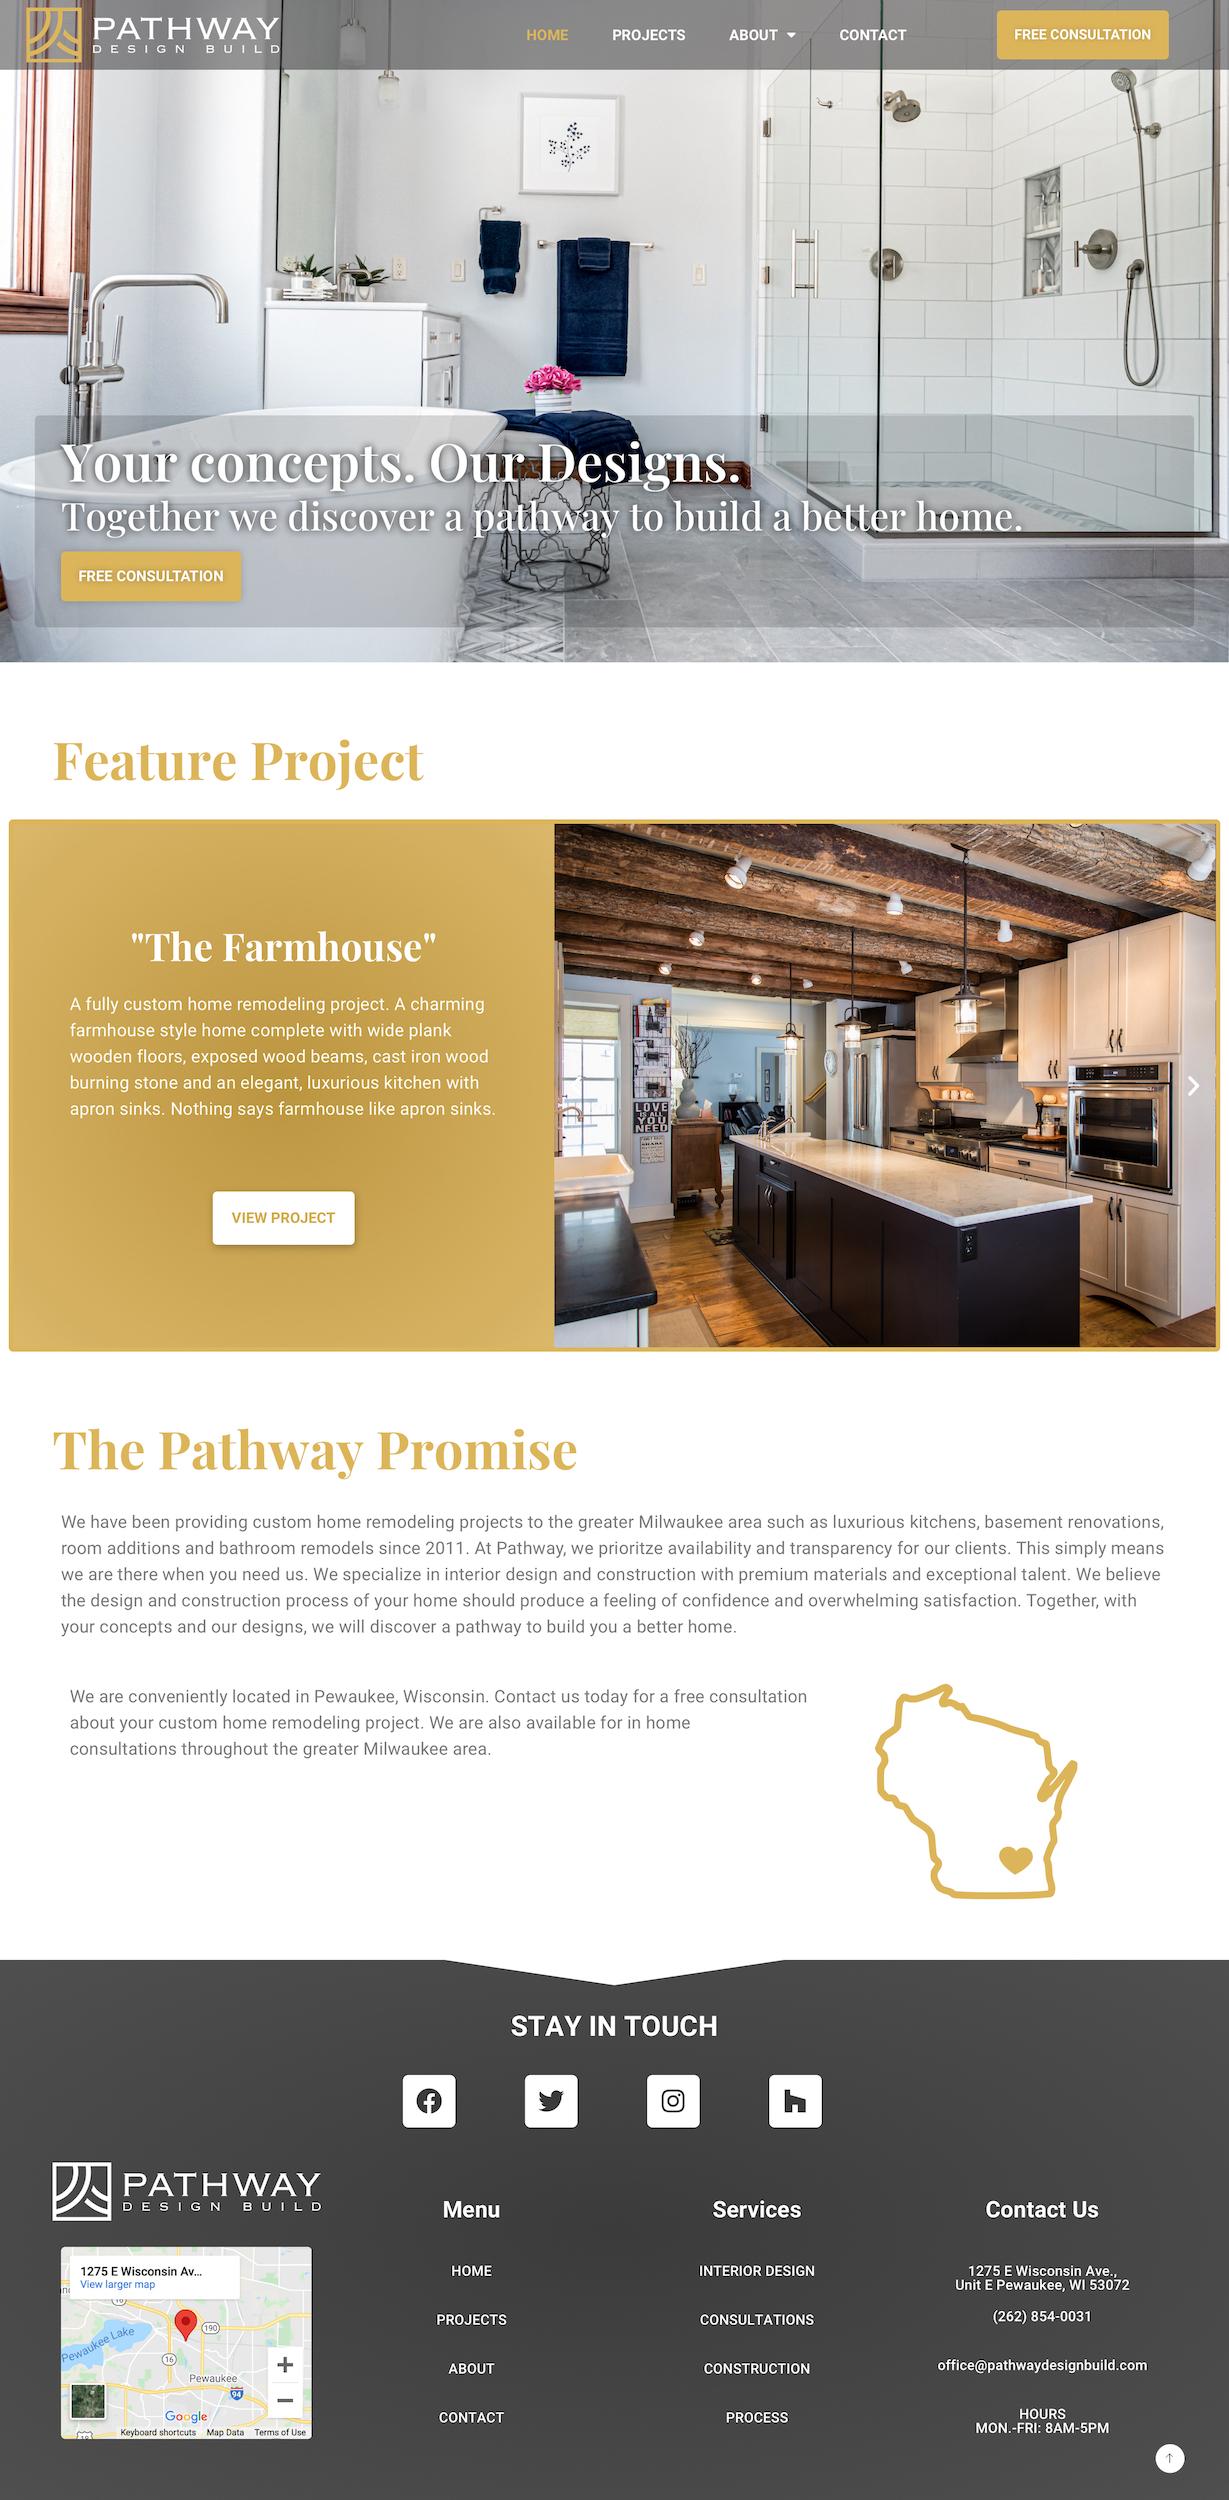 Pathway Design Build Homepage- Desktop